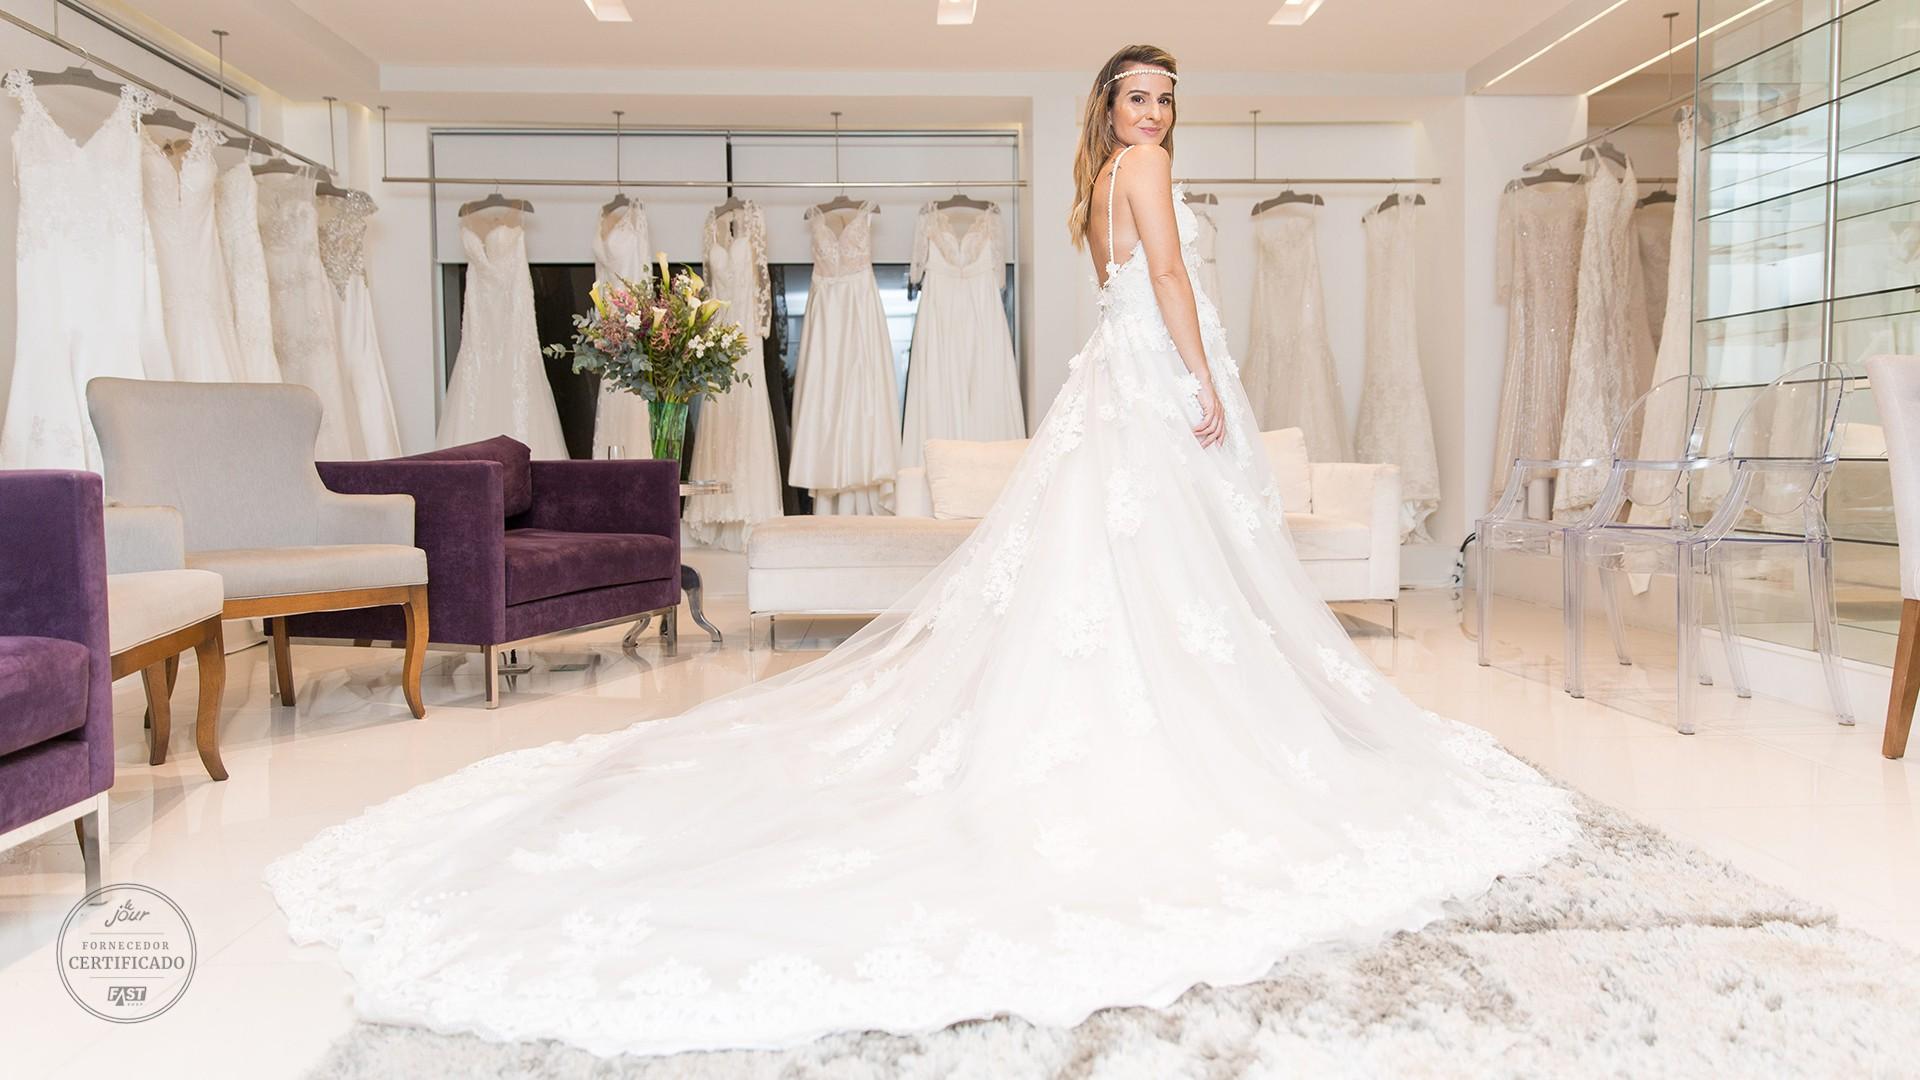 Modelo de vestido de noiva para aluguel na Black Tie.